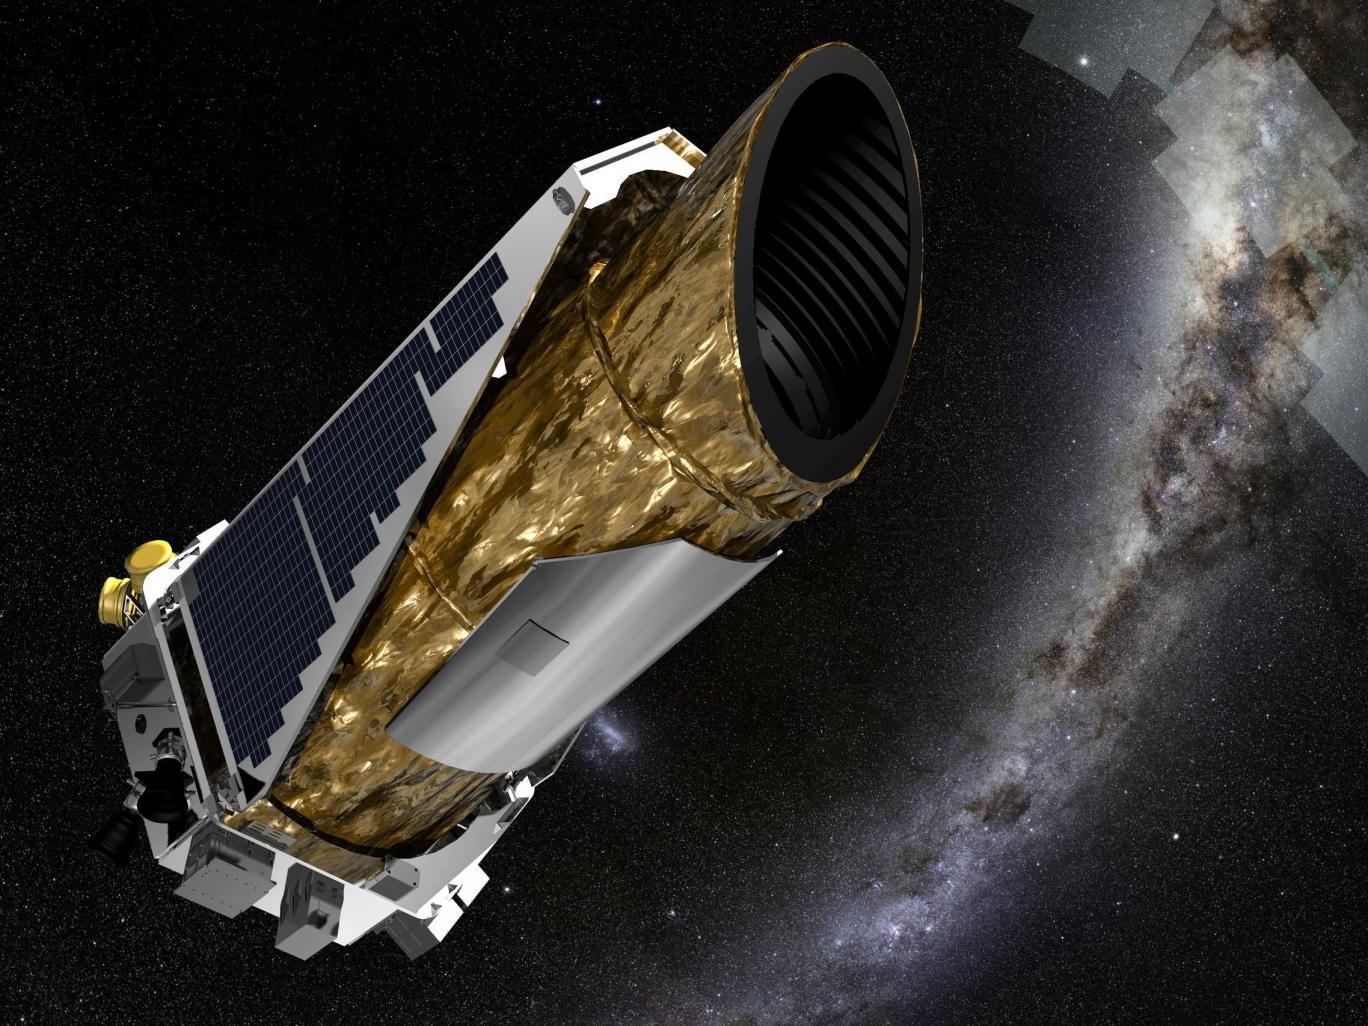 14 декабря NASA проведёт пресс-конференцию по обнаруженным новым экзопланетам